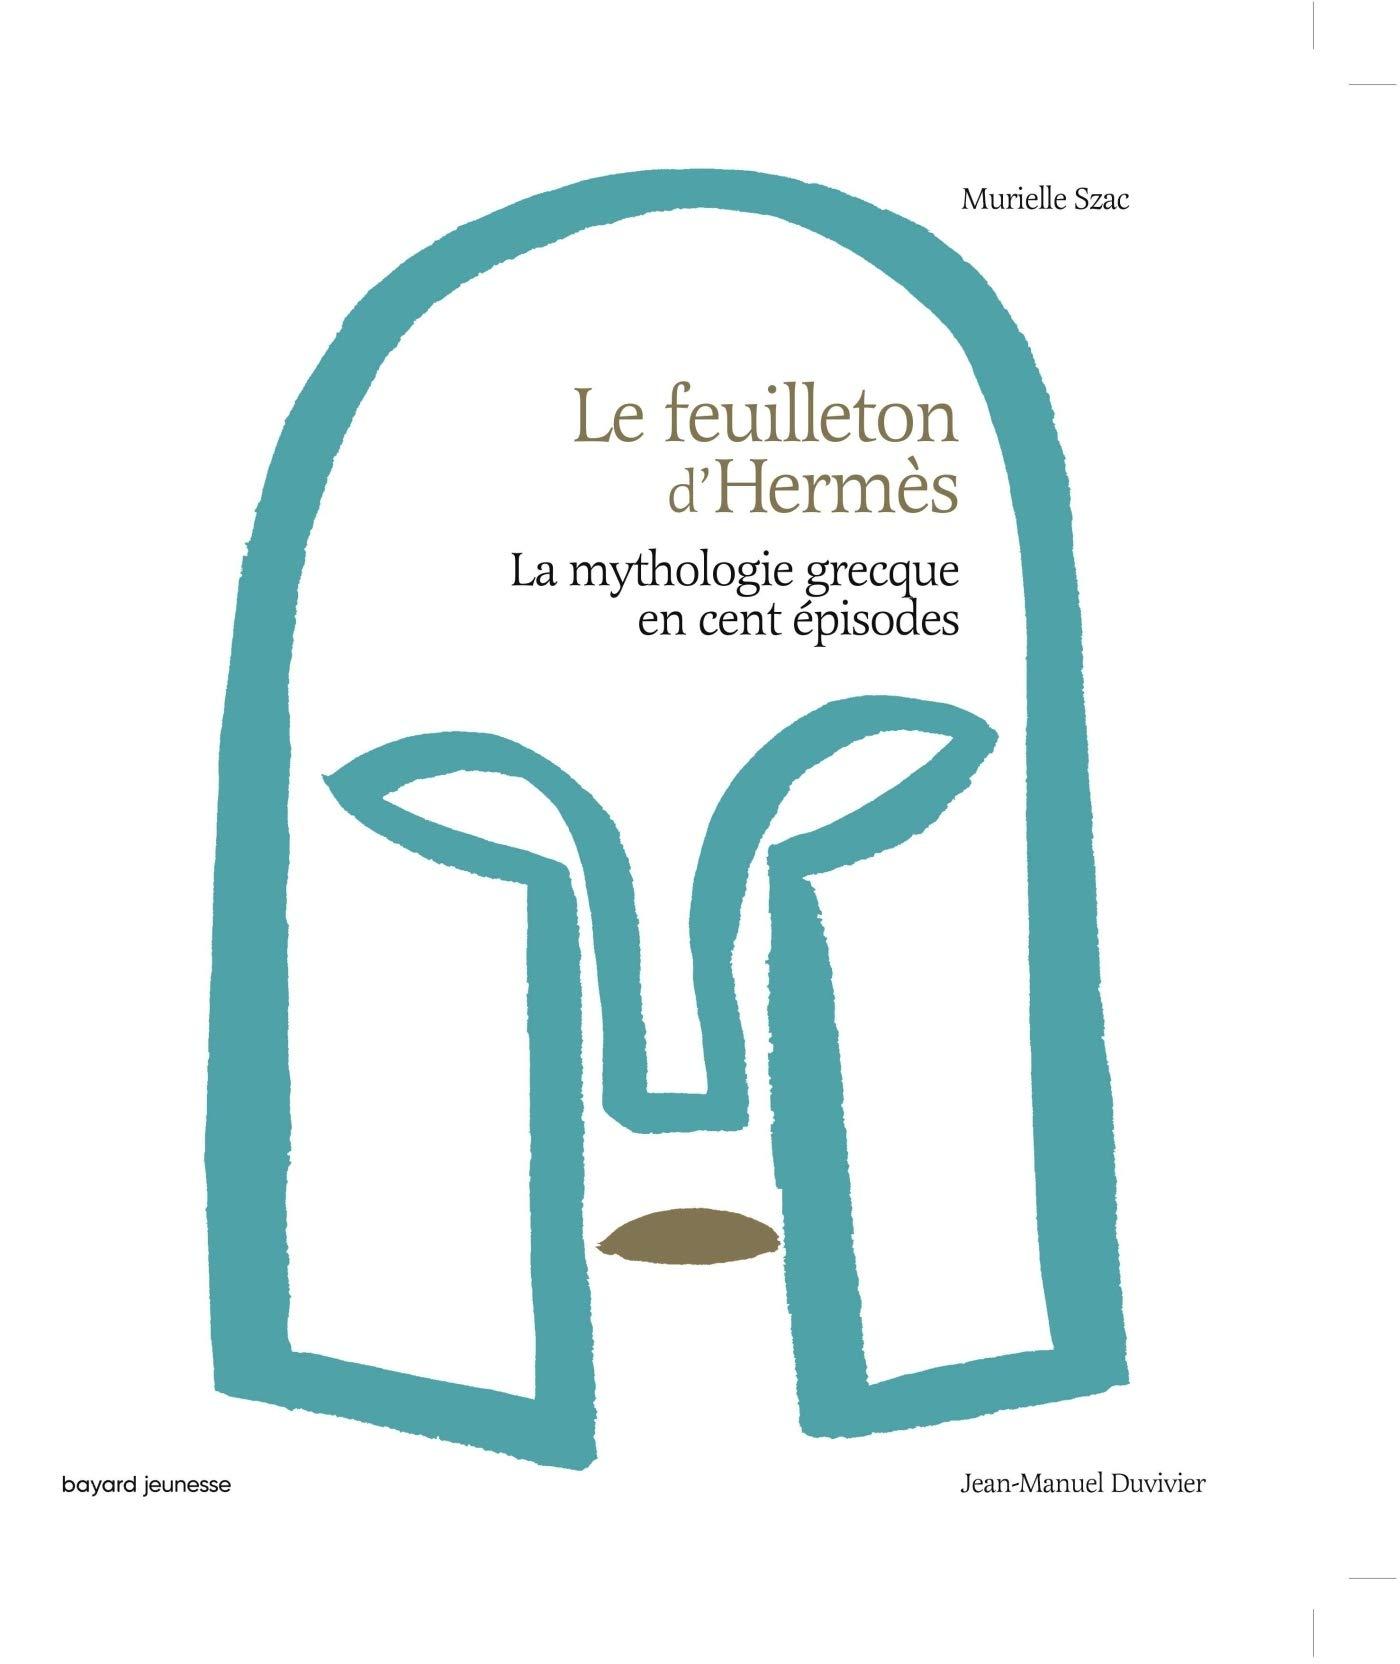 Le feuilleton d'Hermès: Amazon.fr: Szac, Murielle, Duvivier, Jean-Manuel:  Livres